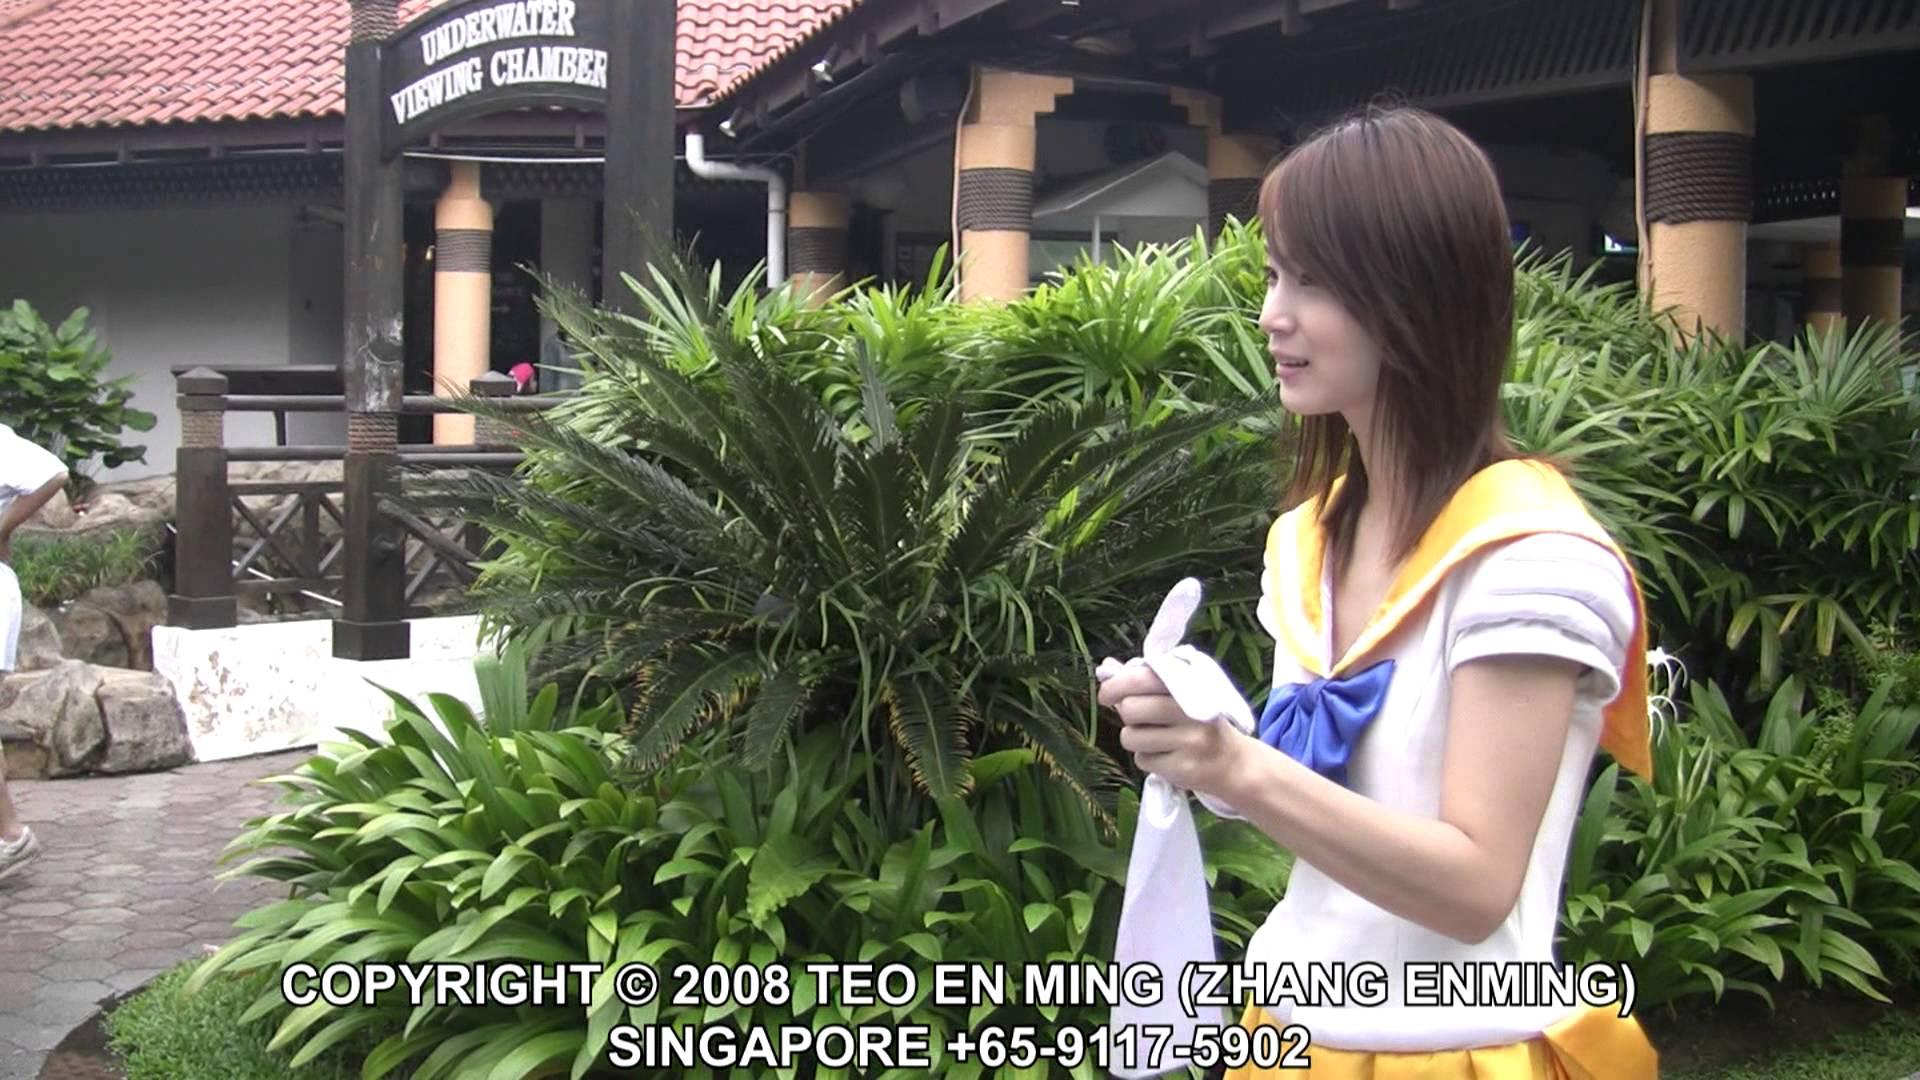 シンガポール人にセーラー服切らせてみた